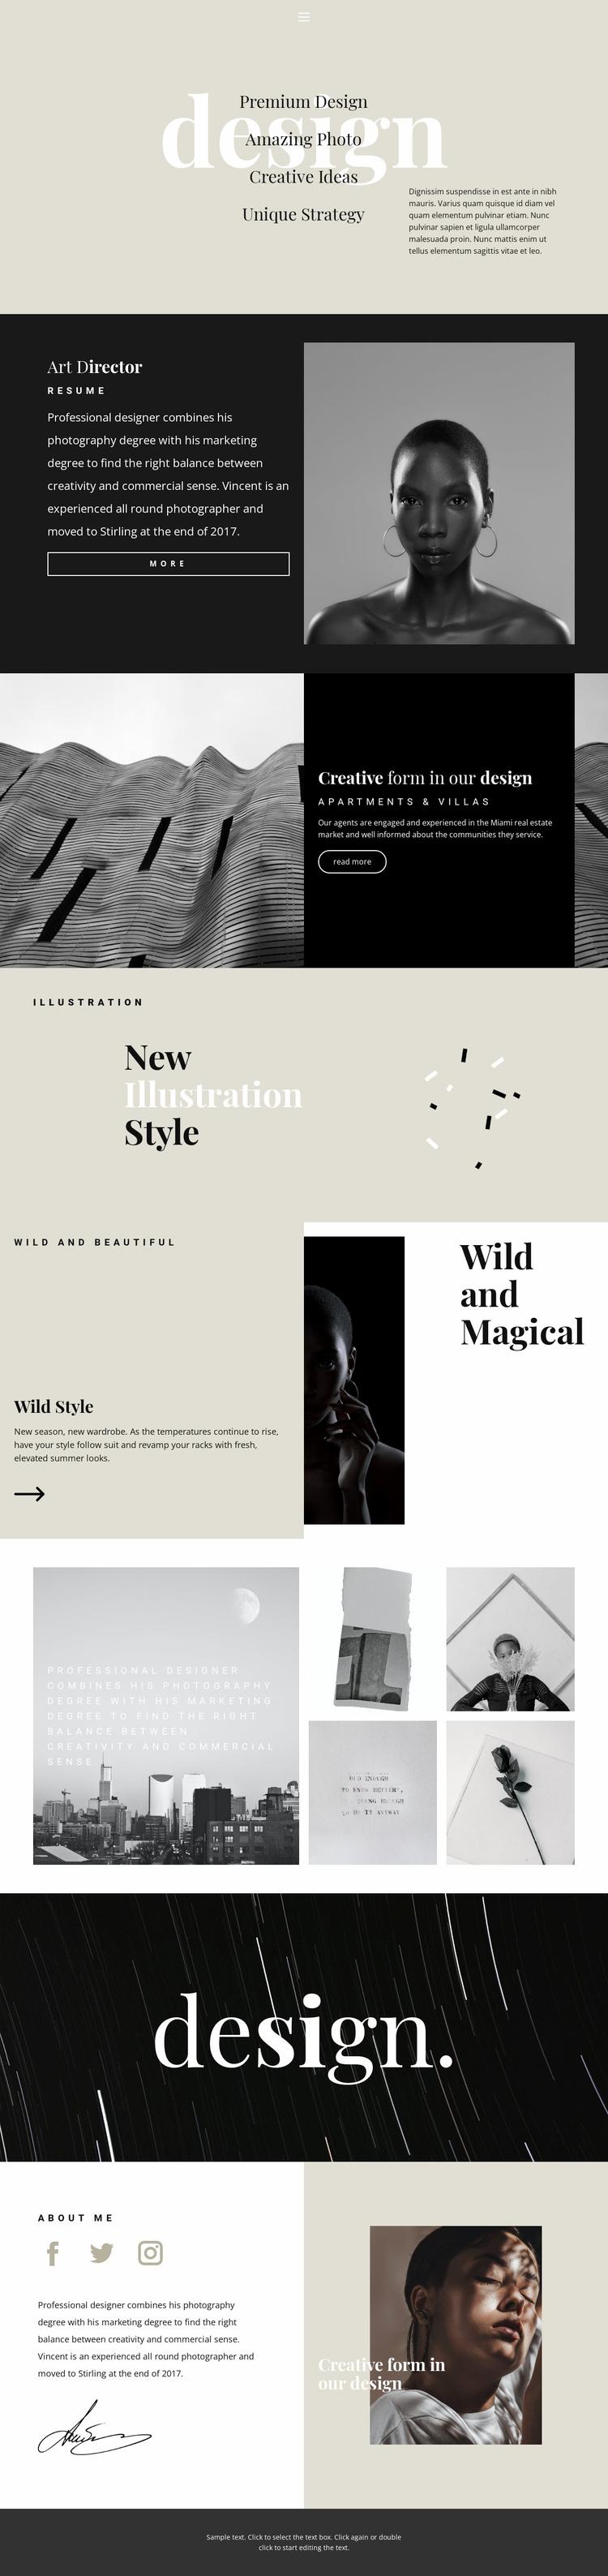 Directions of design studio Website Template